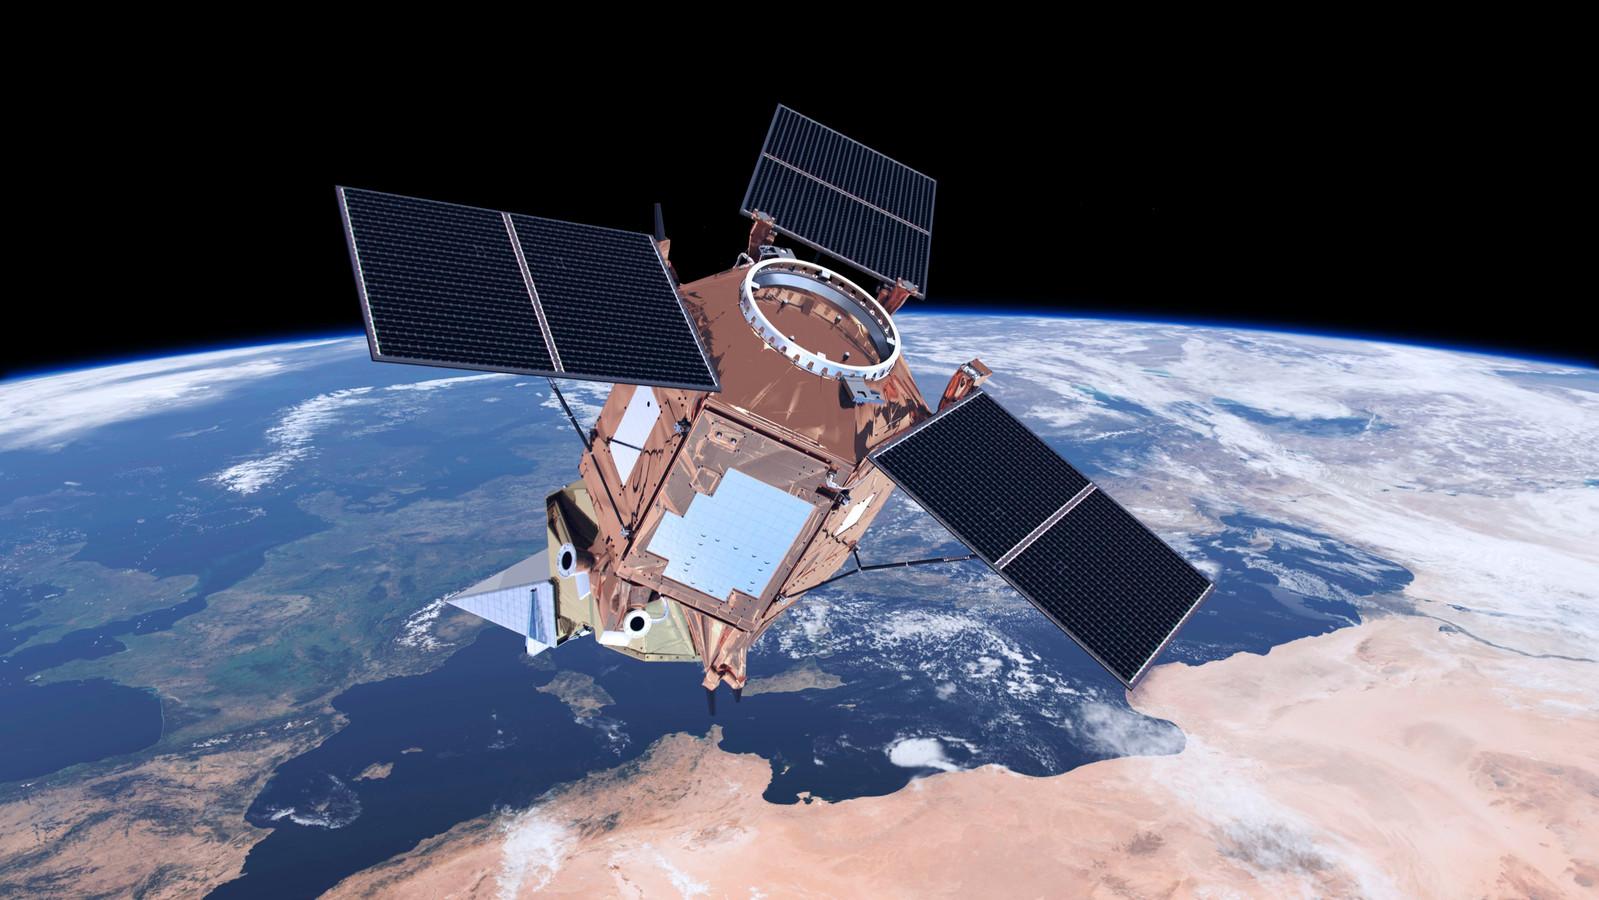 Tropomi is in 2017 gelanceerd, vastgekoppeld aan Sentinel-5 Precursor. Deze satelliet van de Europese ruimtevaartorganisatie ESA is onderdeel van het aardobservatieprogramma Copernicus. Het meet - net als OMI - de luchtkwaliteit boven de aarde, maar nog uitgebreider en veel nauwkeuriger.